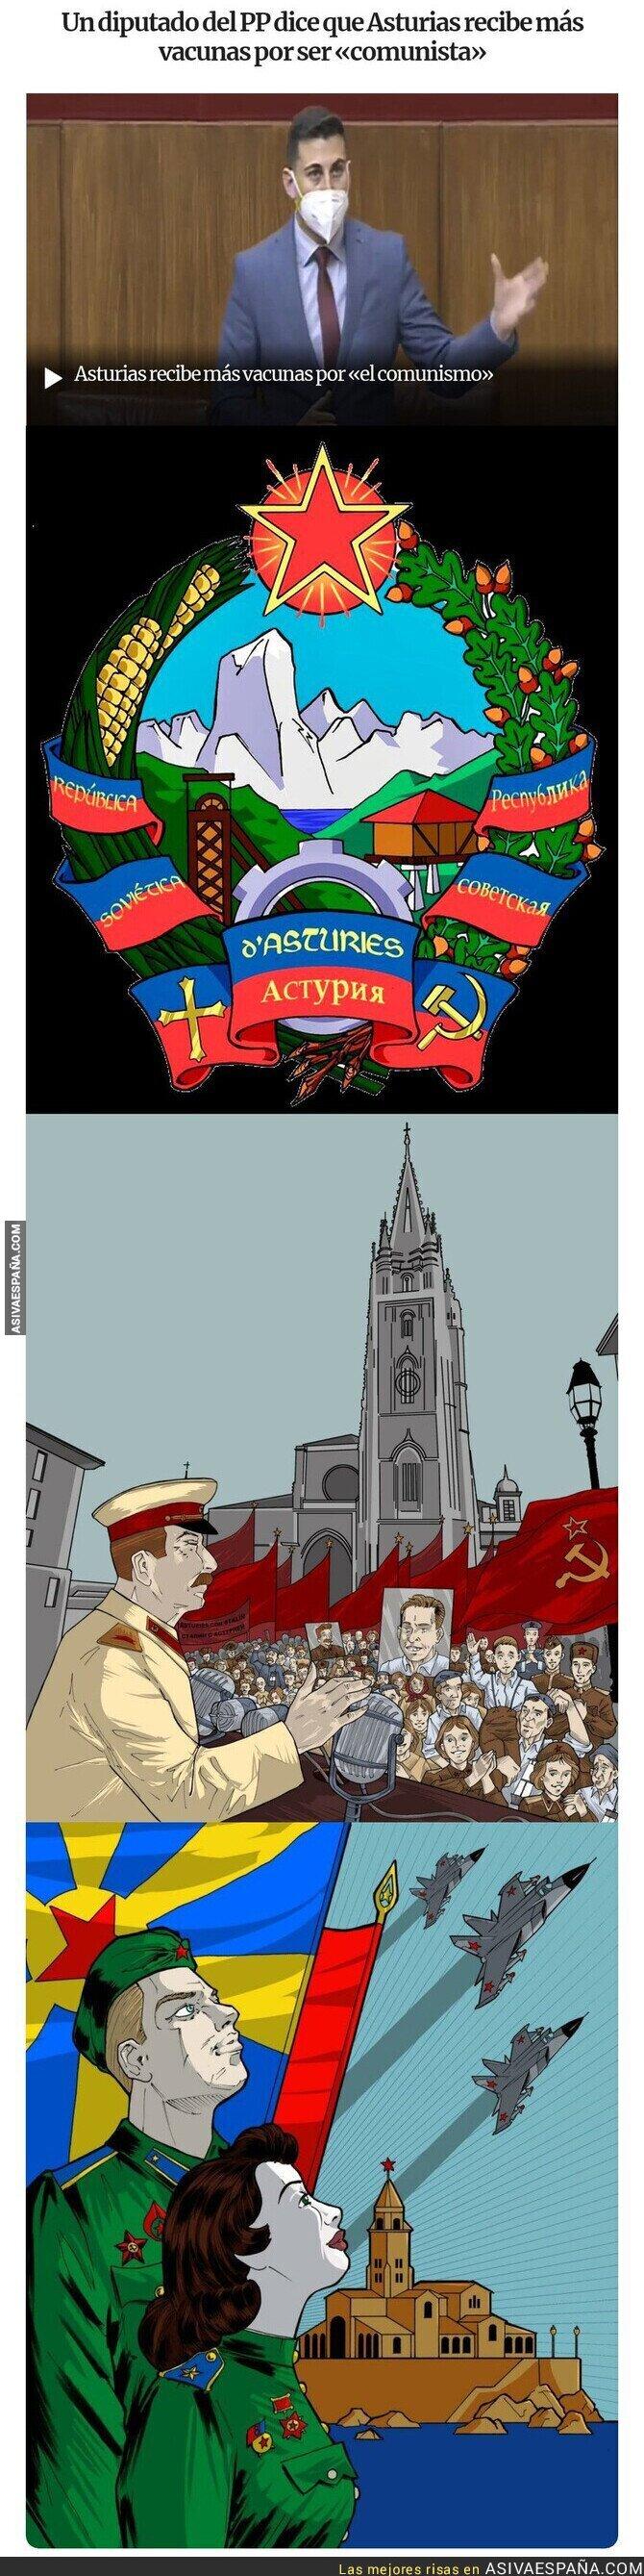 674174 - Asturias comunista